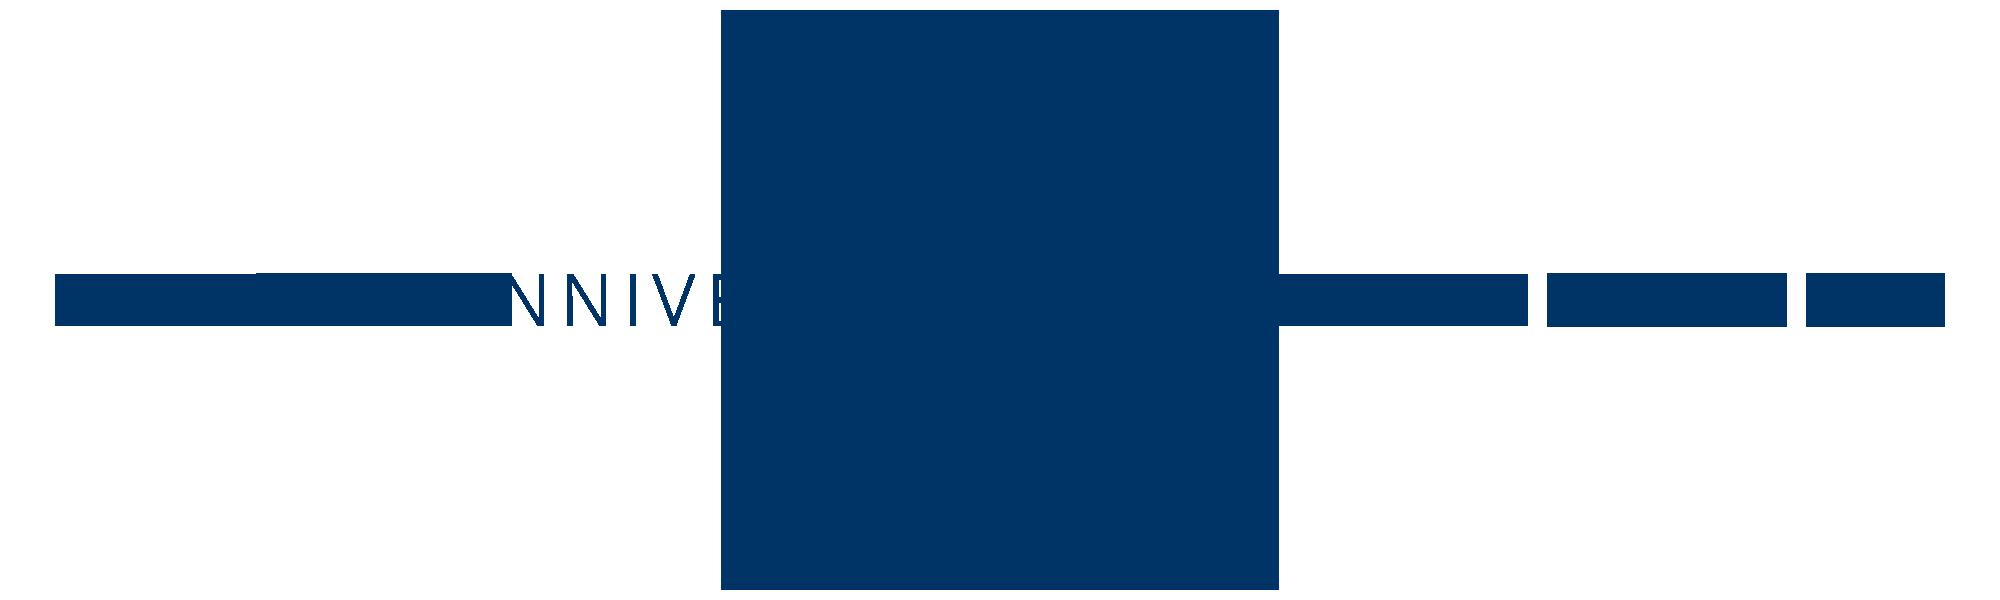 12周年記念スペシャルプロモーション